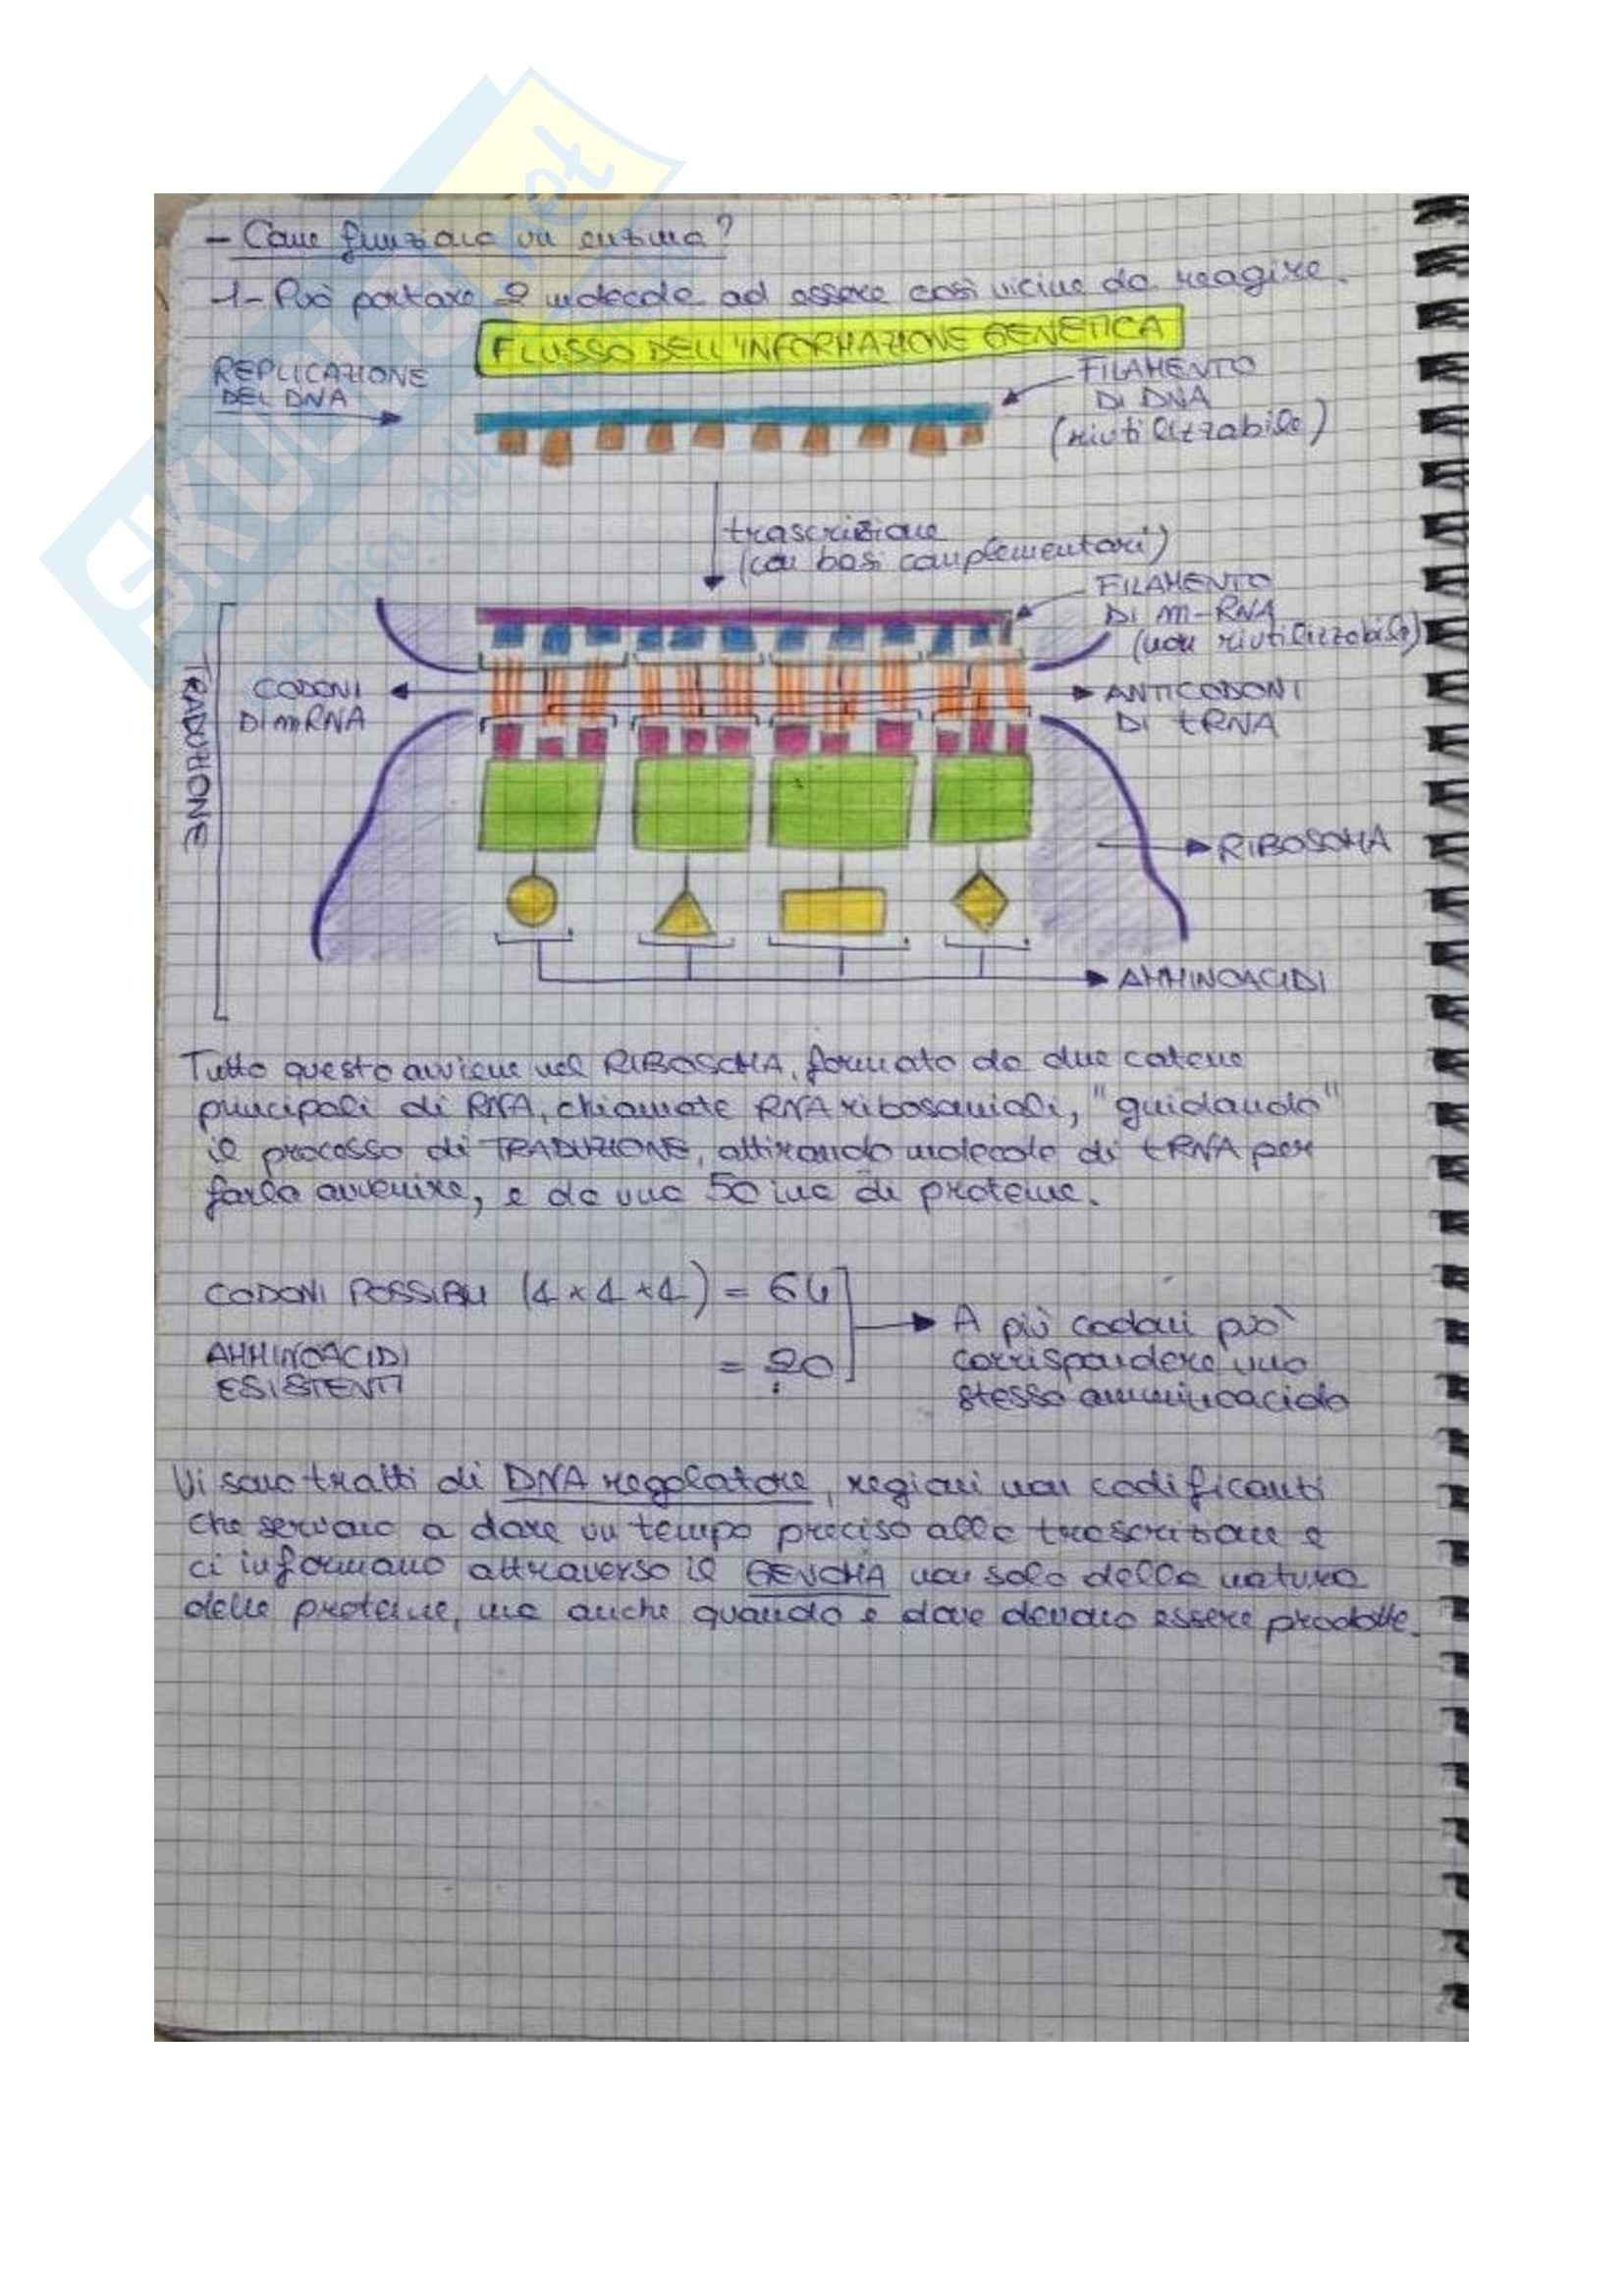 Biologia molecolare della cellula - Appunti Pag. 11